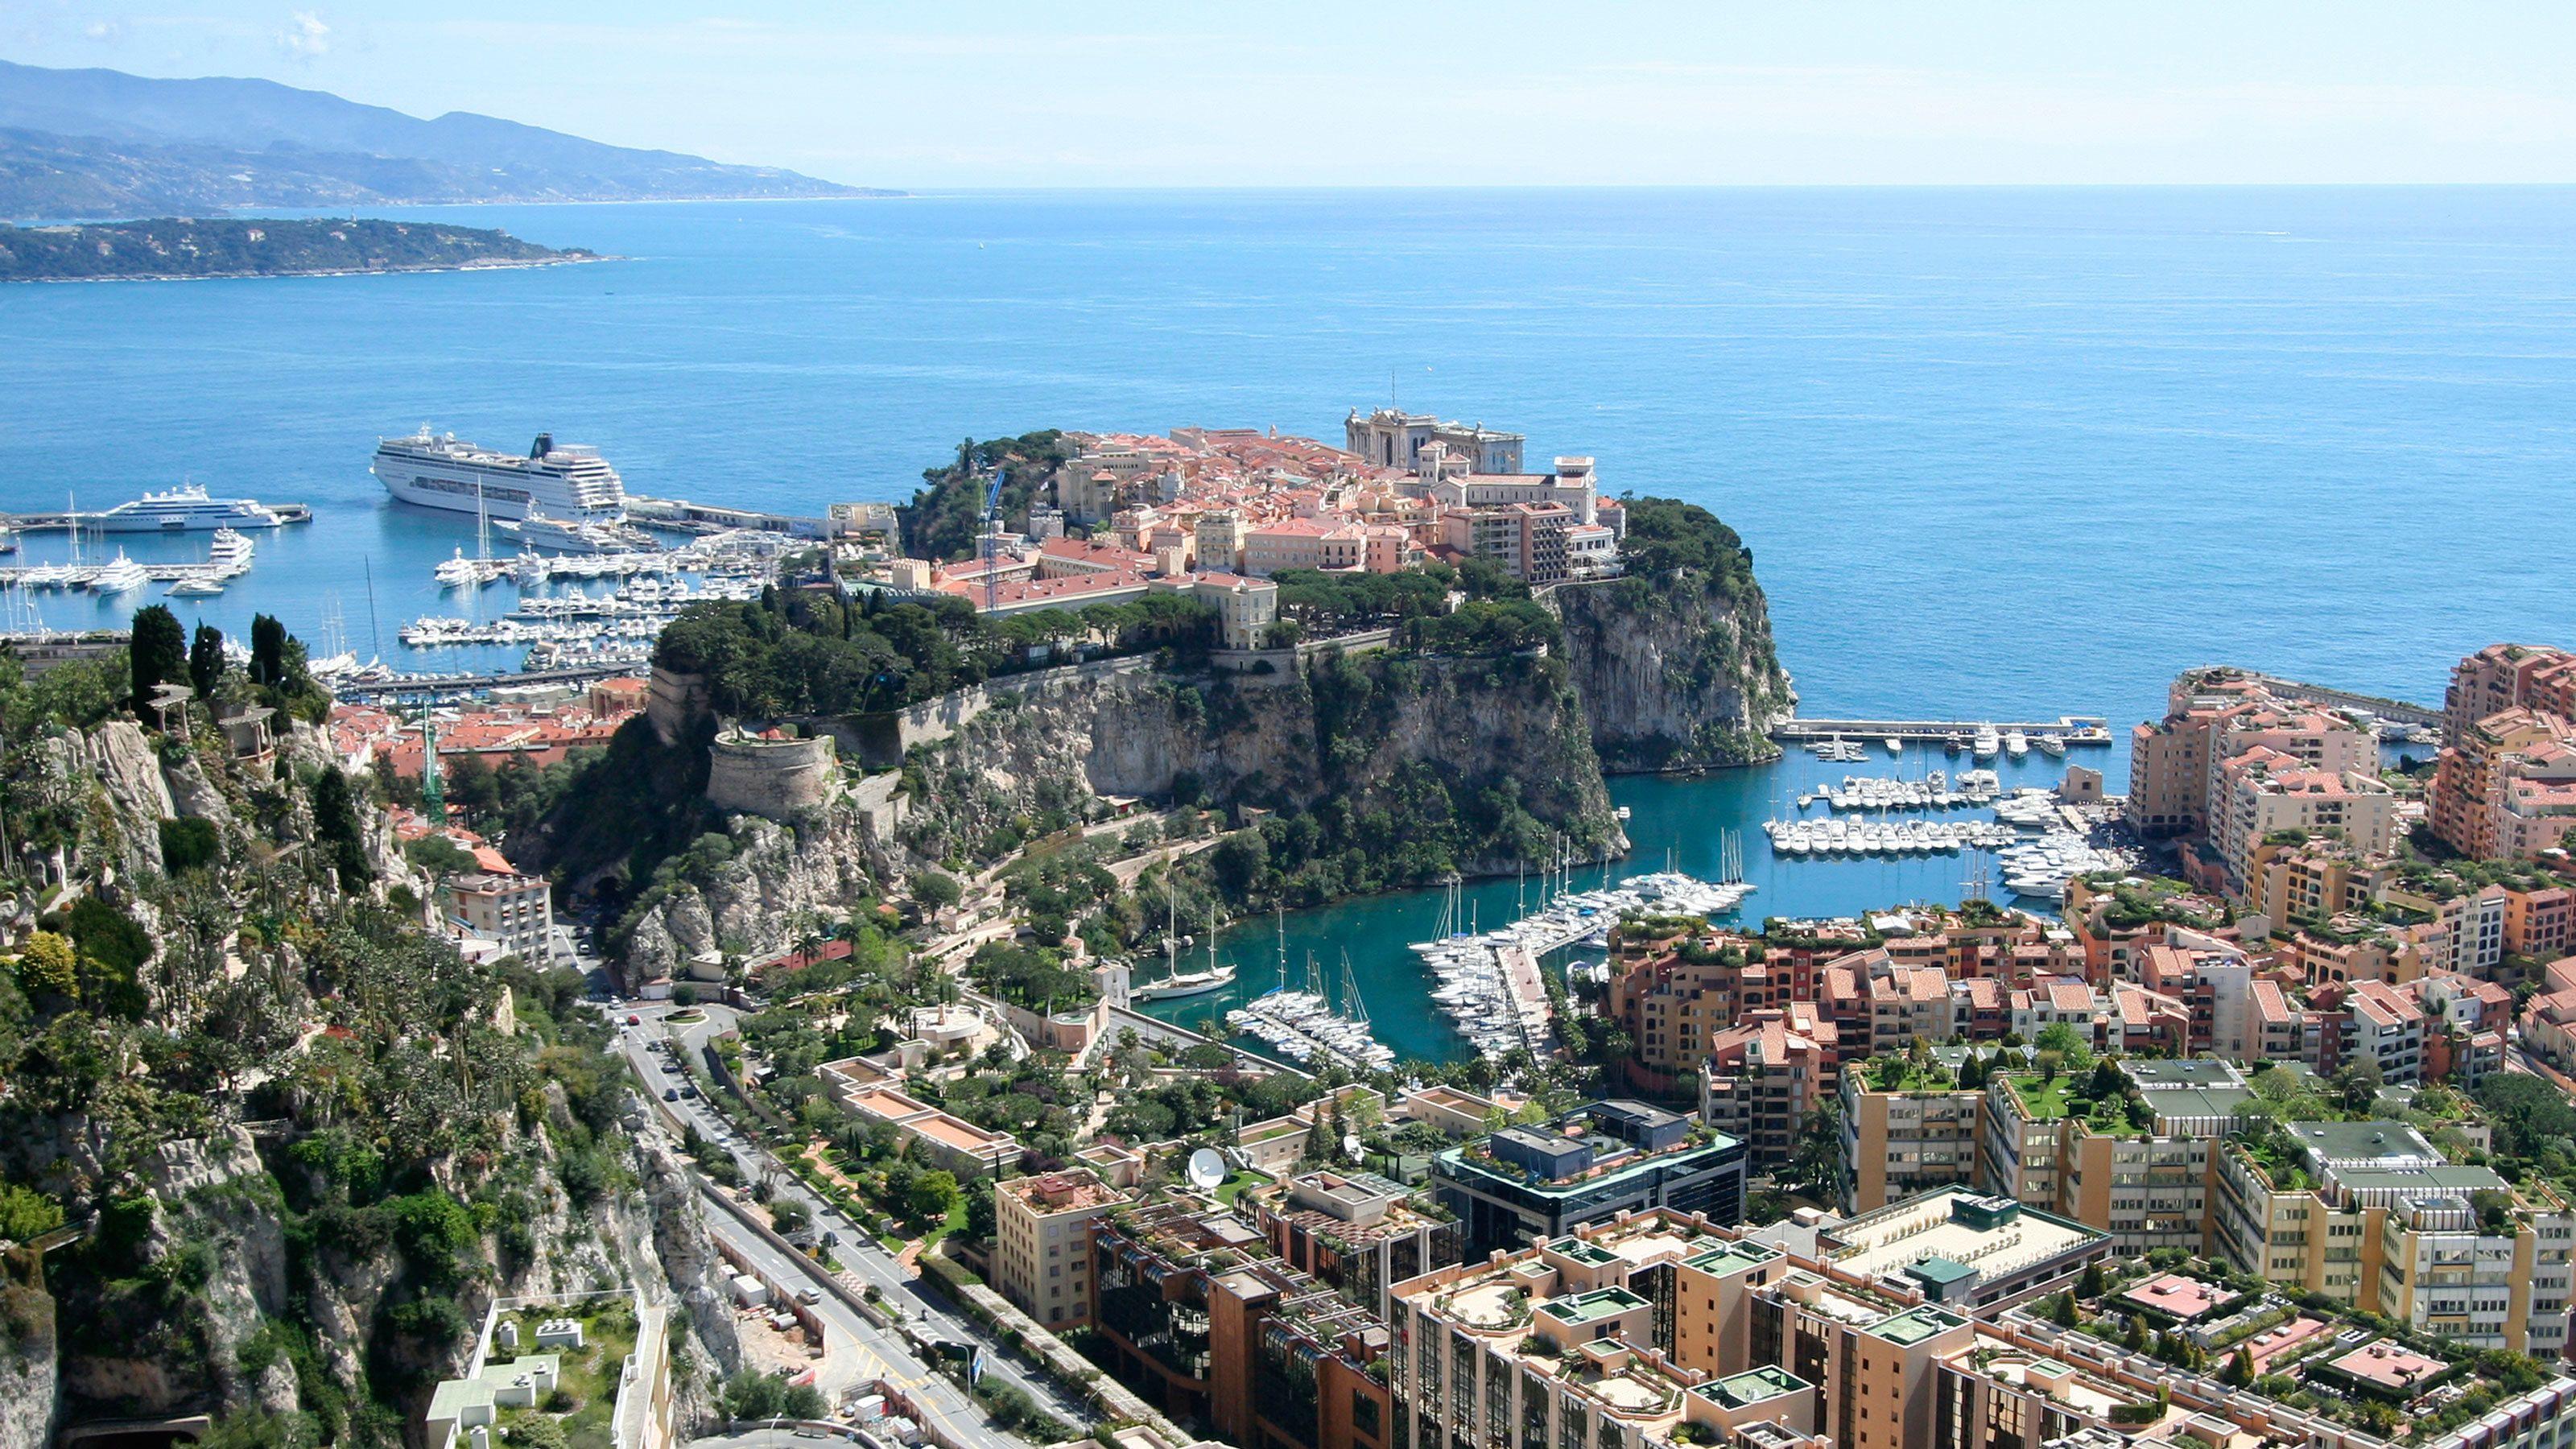 Sunny view of Monaco